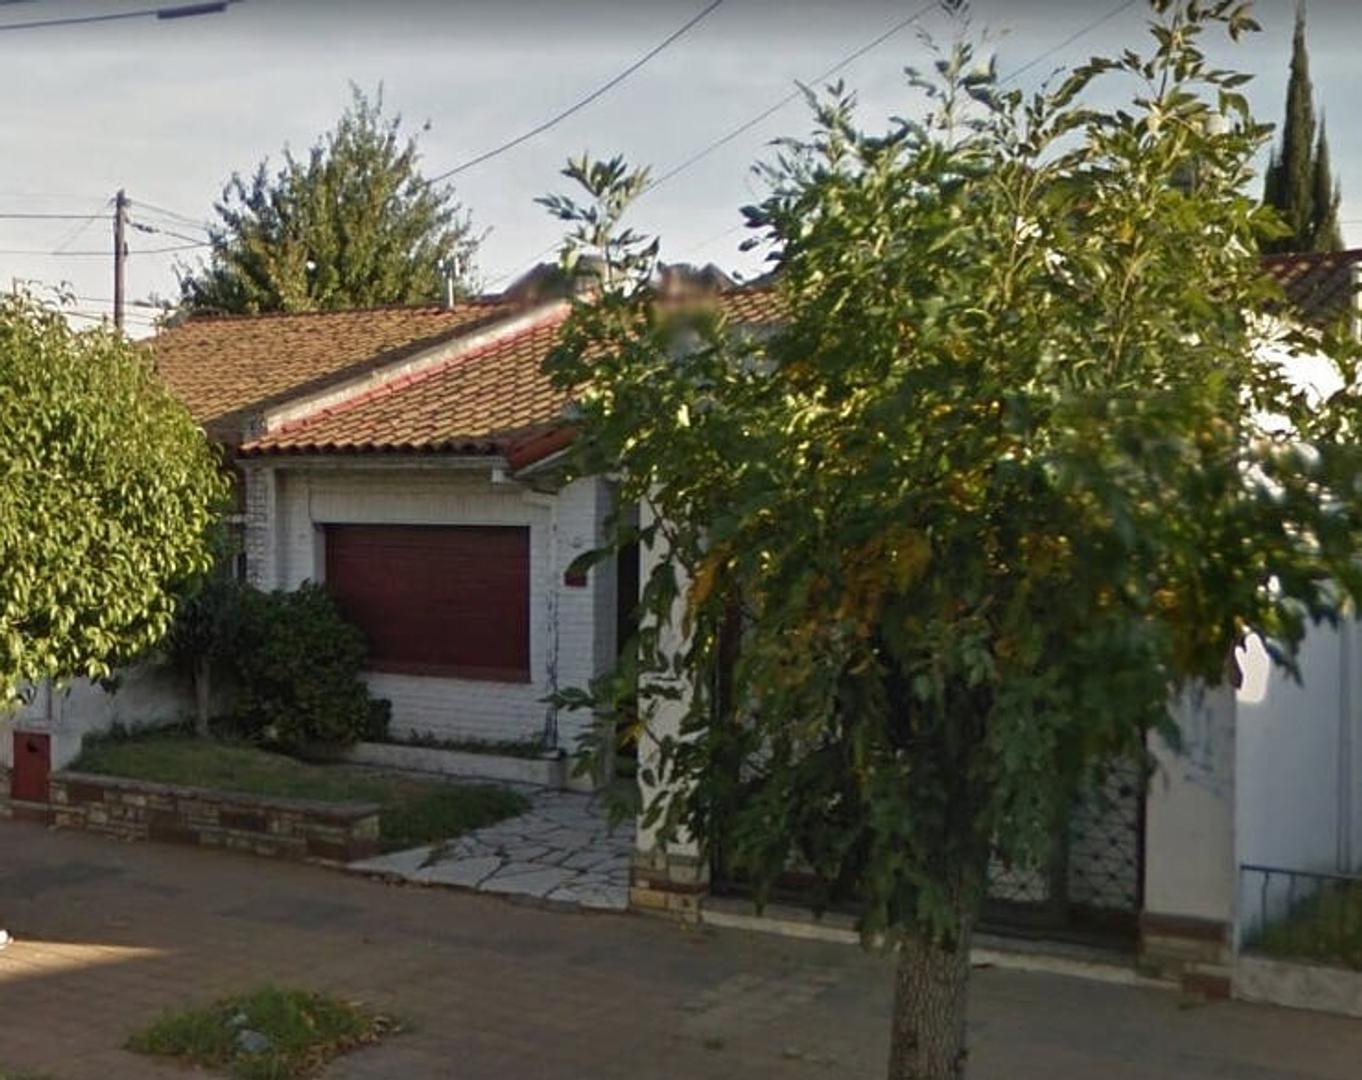 ARIETA 777 ( VILLA LUZURIAGA), Casa Americana 3 ambientes con local 205.000 USD